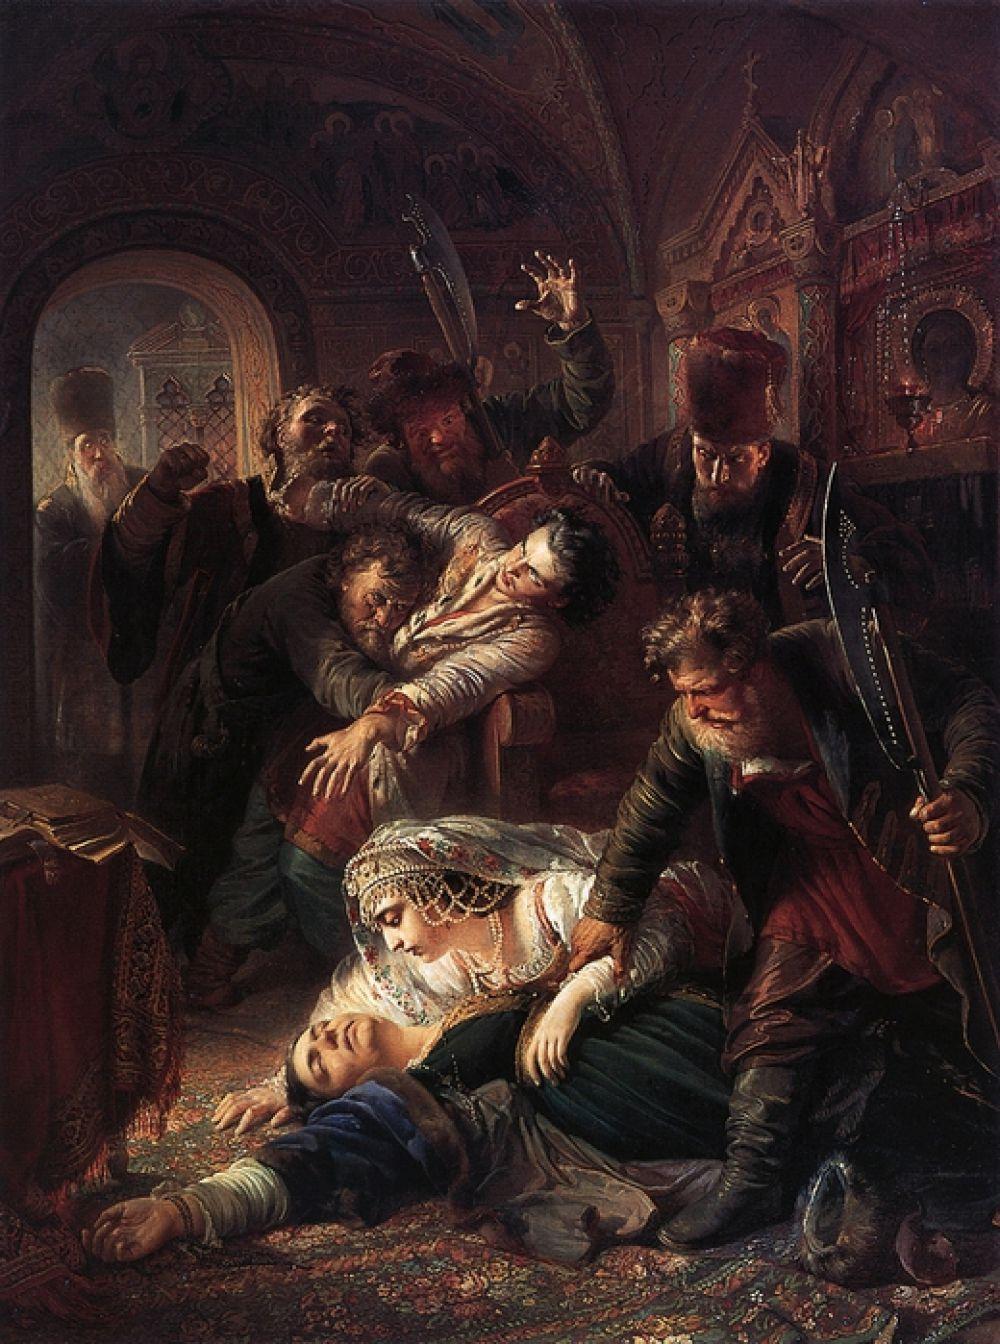 В 1958 году художник поступил в Императорскую академию художеств в Санкт-Петербурге. Академия выставила его работы «Исцеление слепых» (1860) и «Агенты Димитрия Самозванца убивают сына Бориса Годунова» (1862).